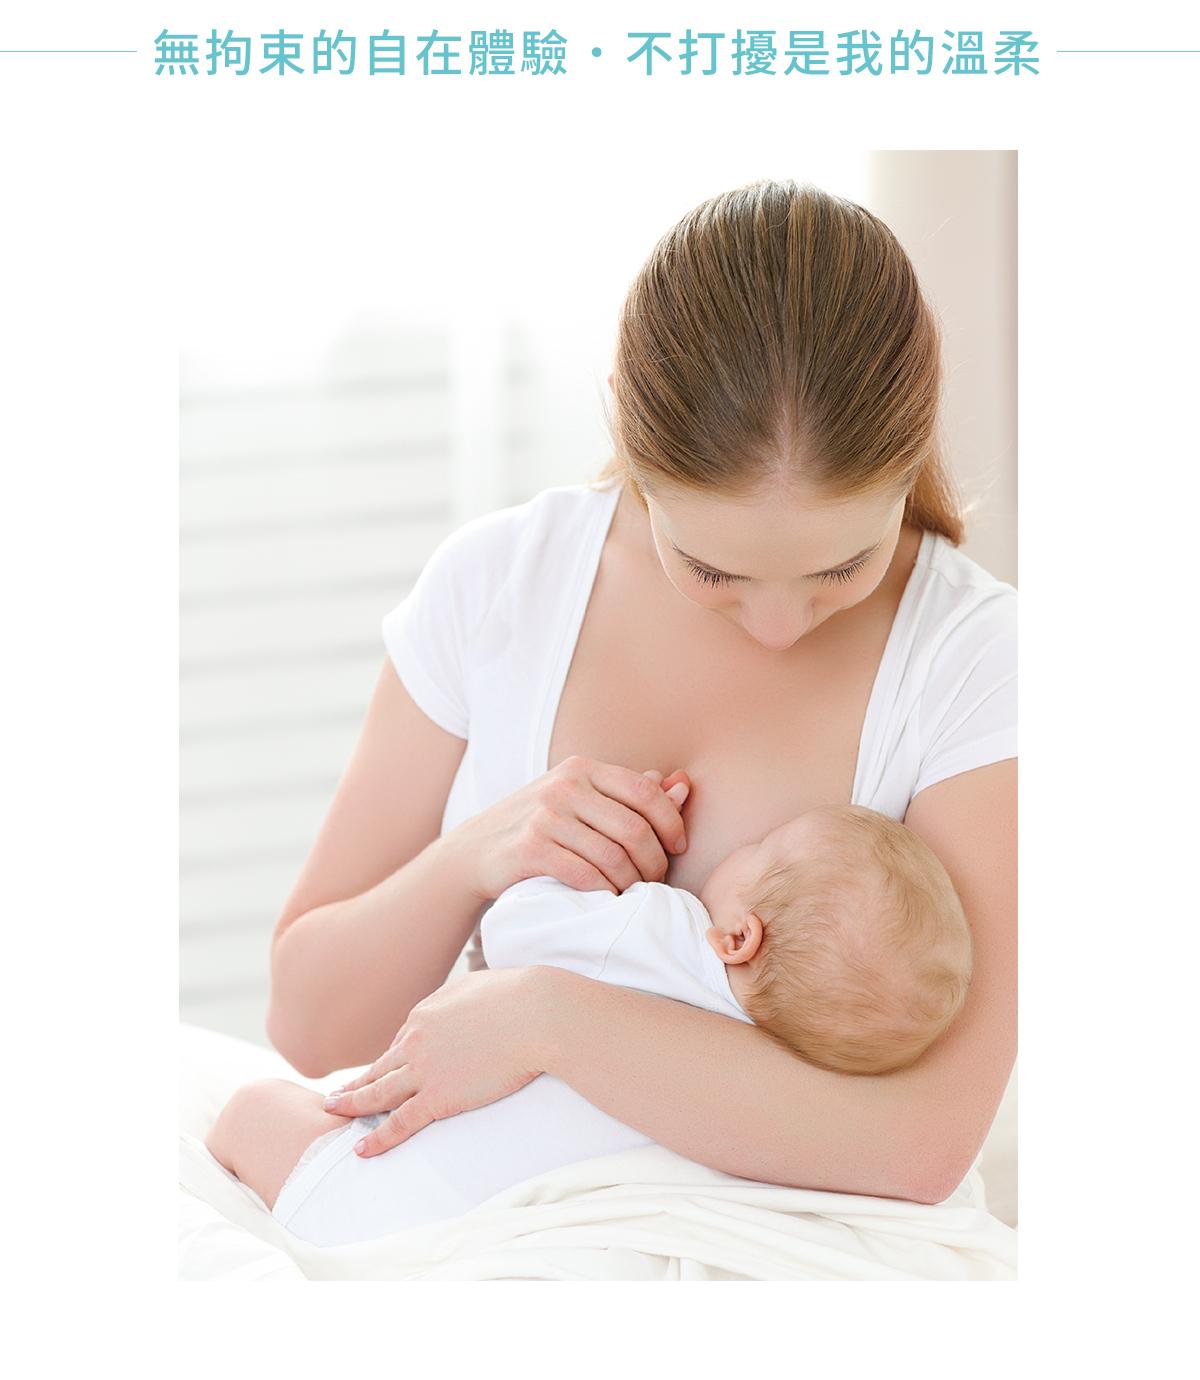 溢乳墊 瞬吸拋棄式防溢乳墊, 哺乳, 母乳, 哺乳期間, 產後, 哺餵寶寶, 哺乳體驗, 不打擾 ,溫柔